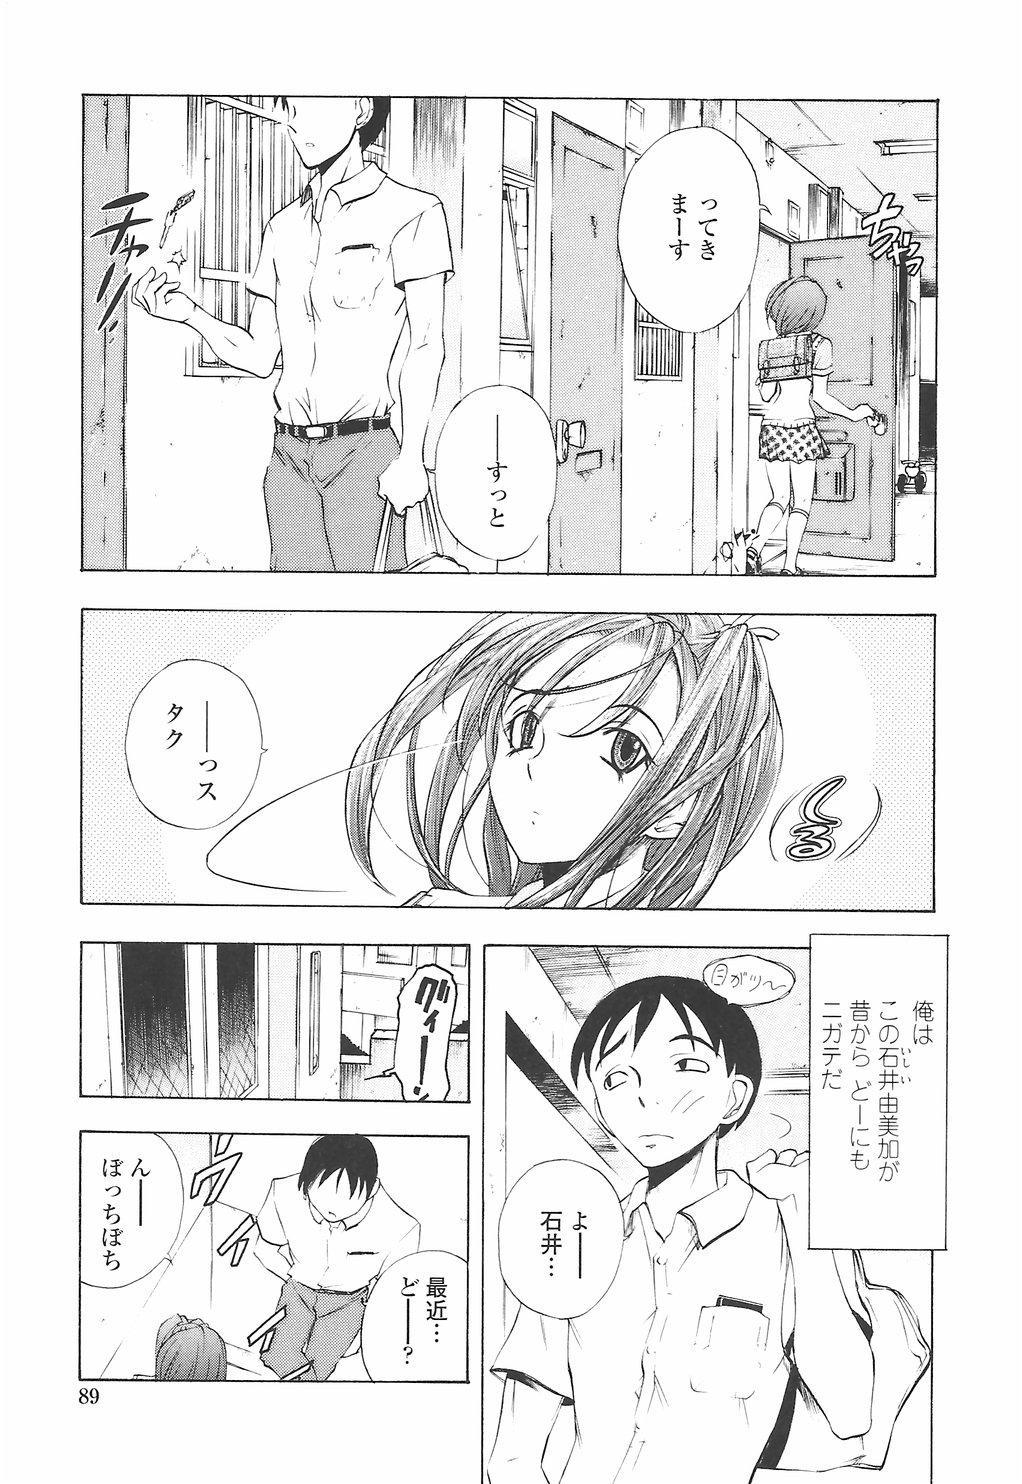 [Yuuki Tsumugi] Oshiete Ane-Tea - Teach me! my sister teacher. 92